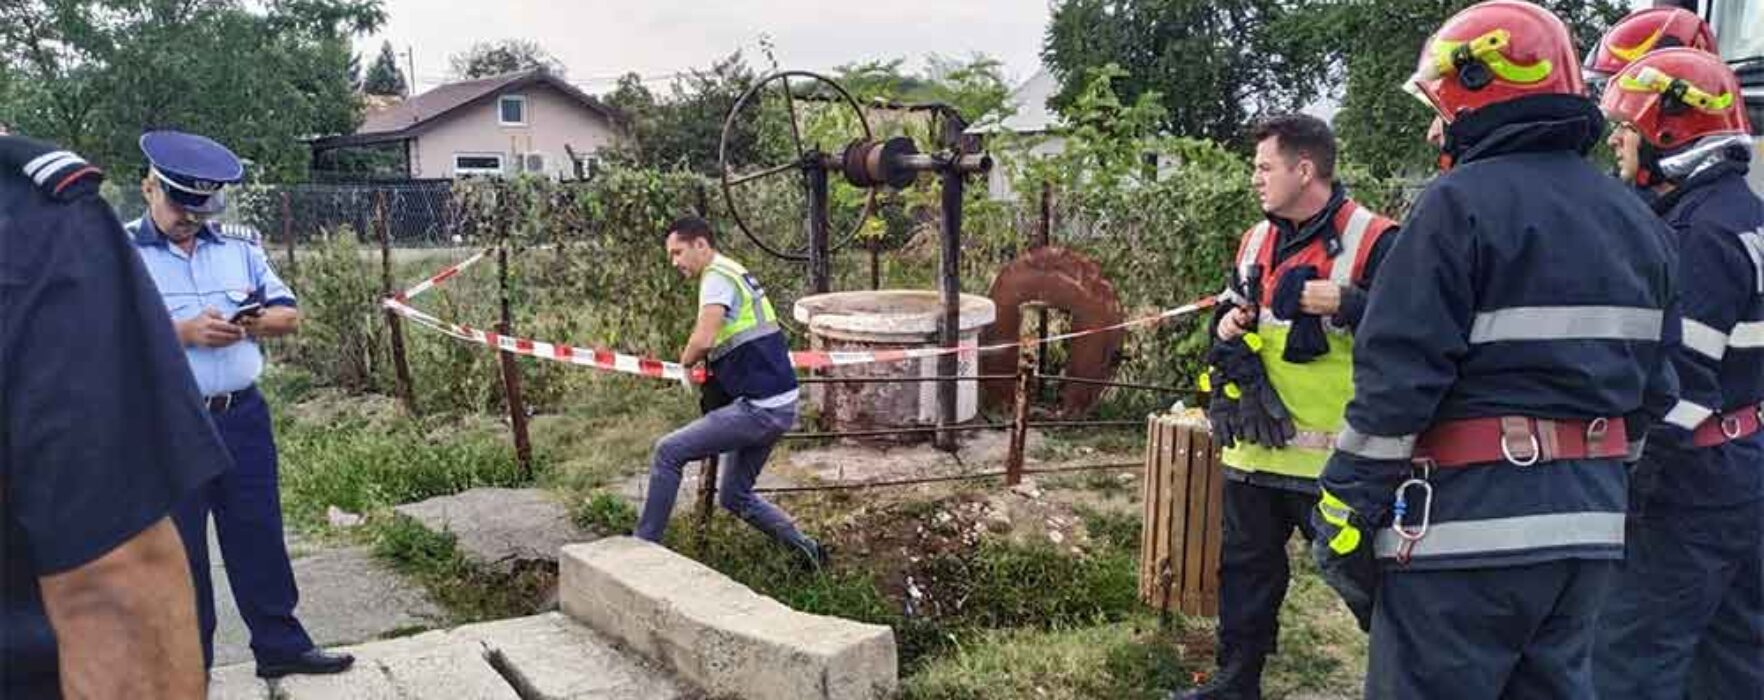 Dâmboviţa: Doi bărbaţi au căzut într-un puţ pe care încercau să îl cureţe şi au murit